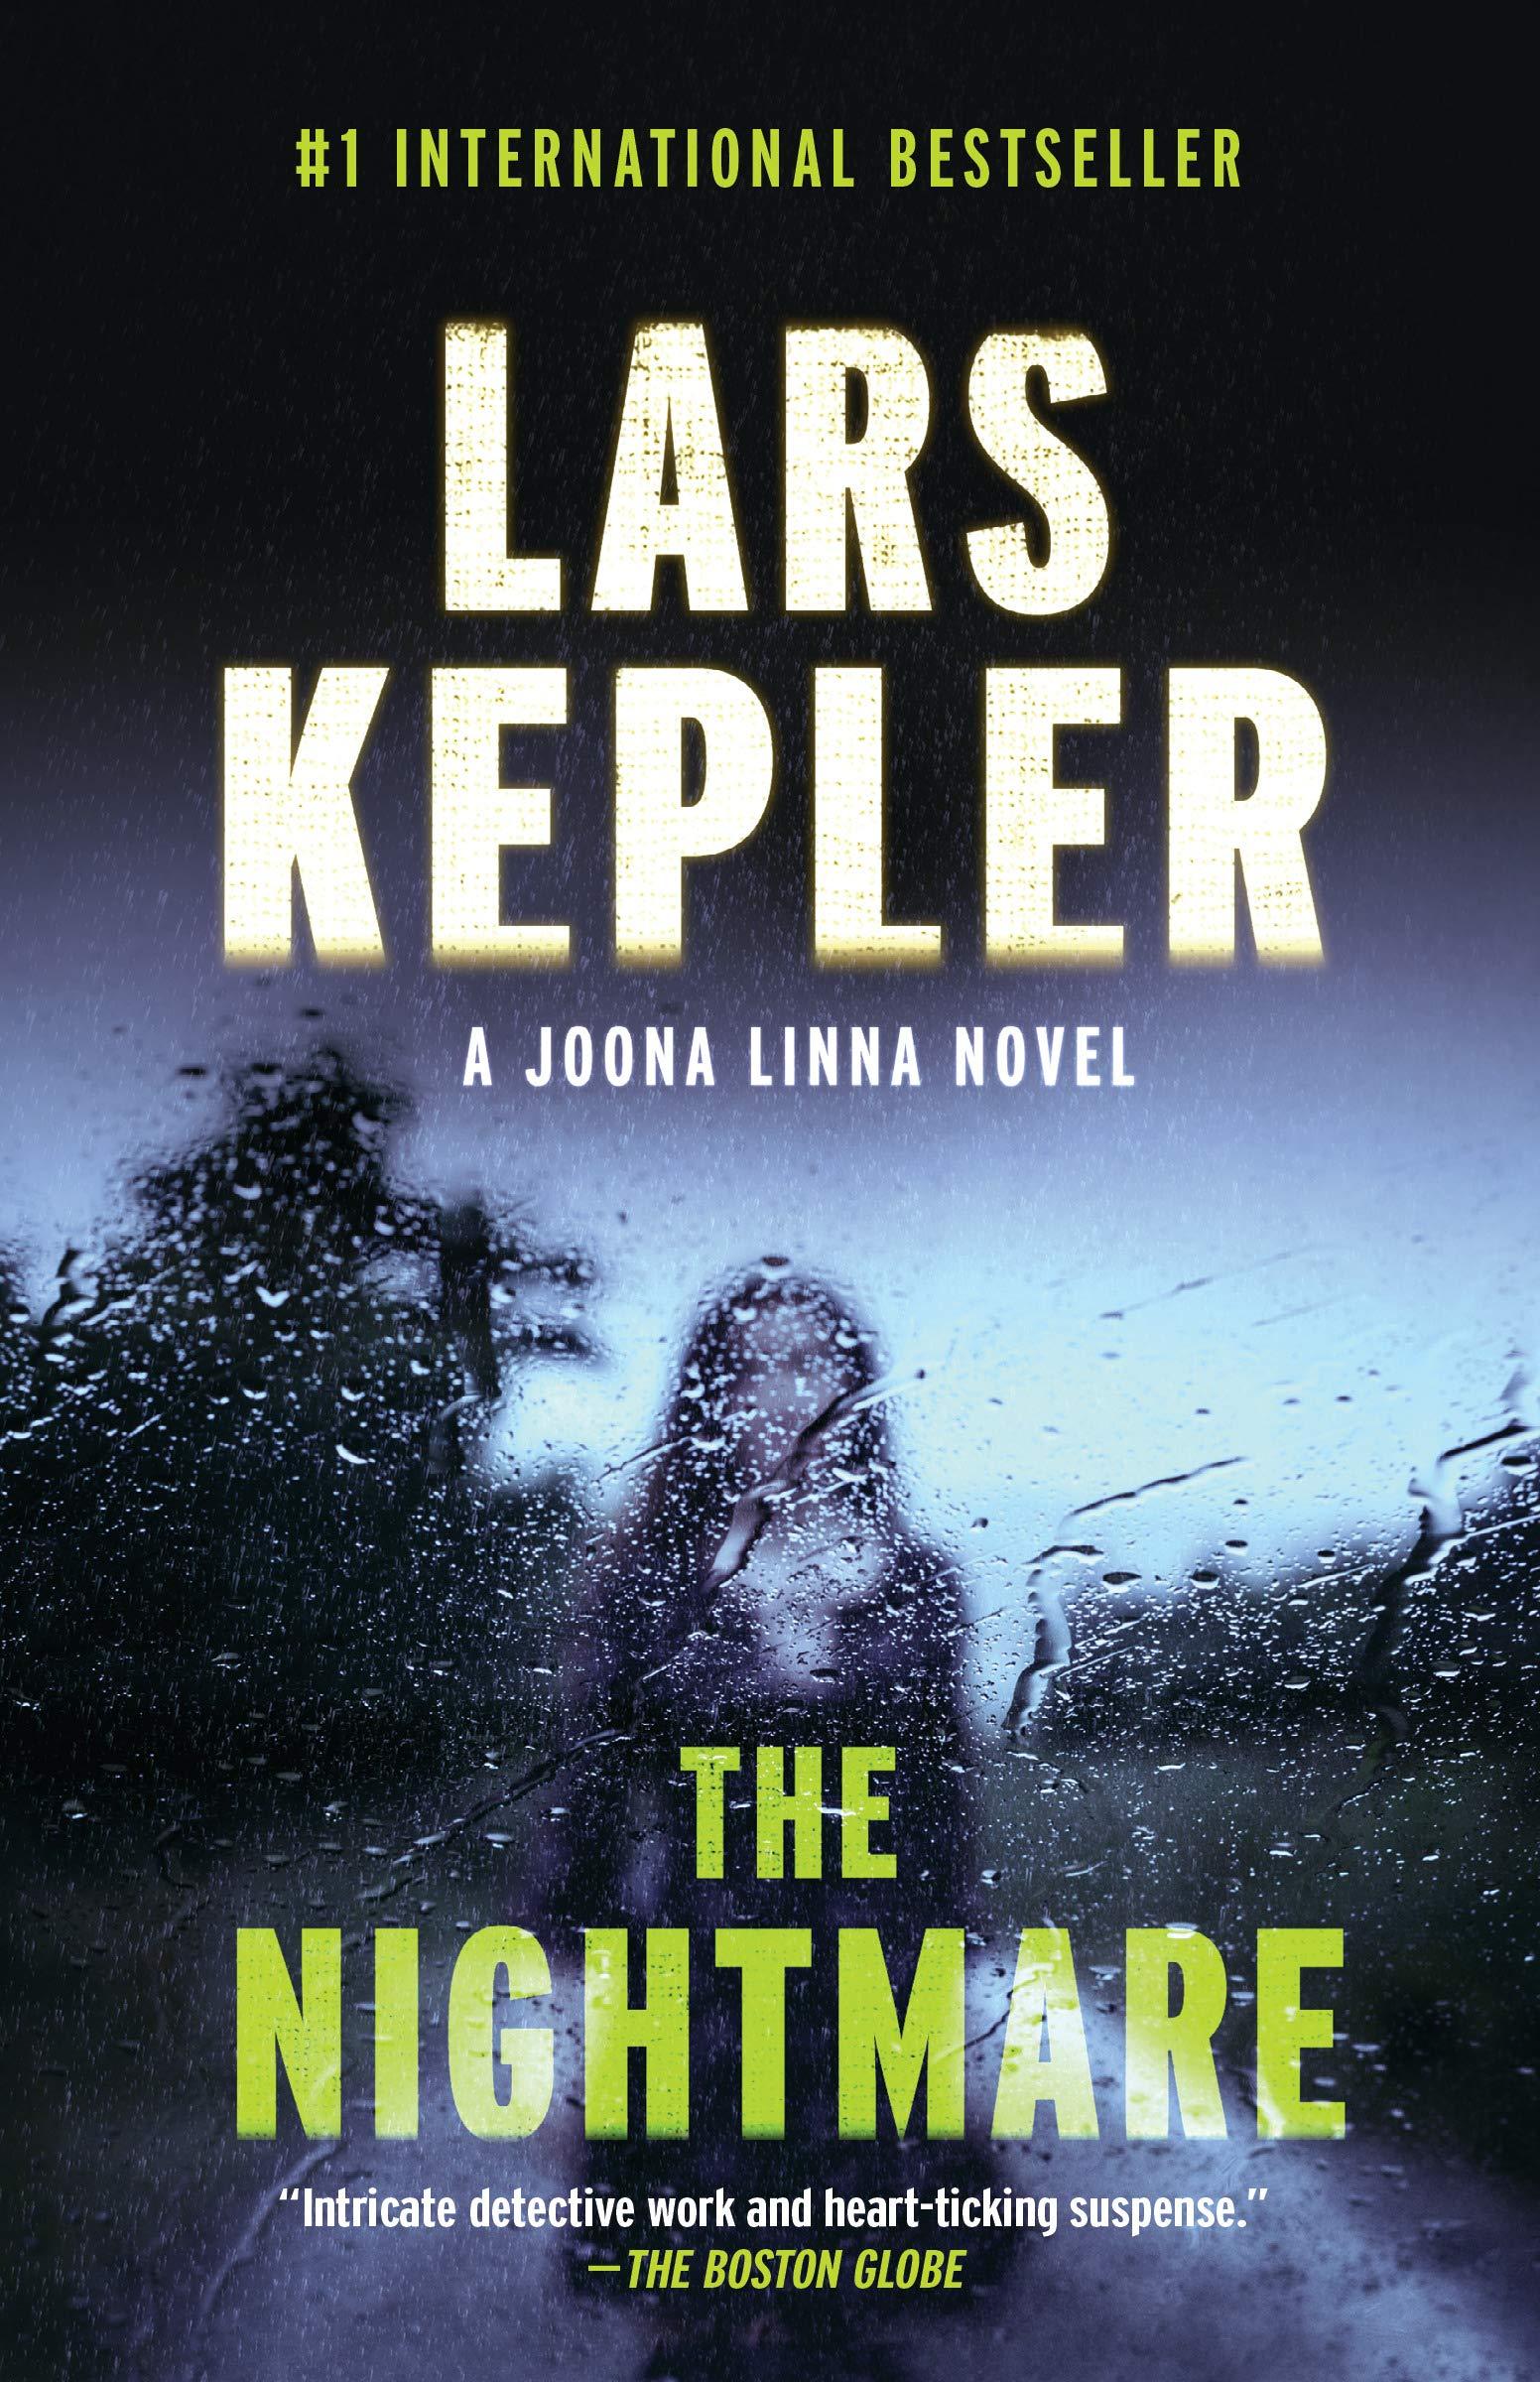 The Nightmare by Lars Kelper